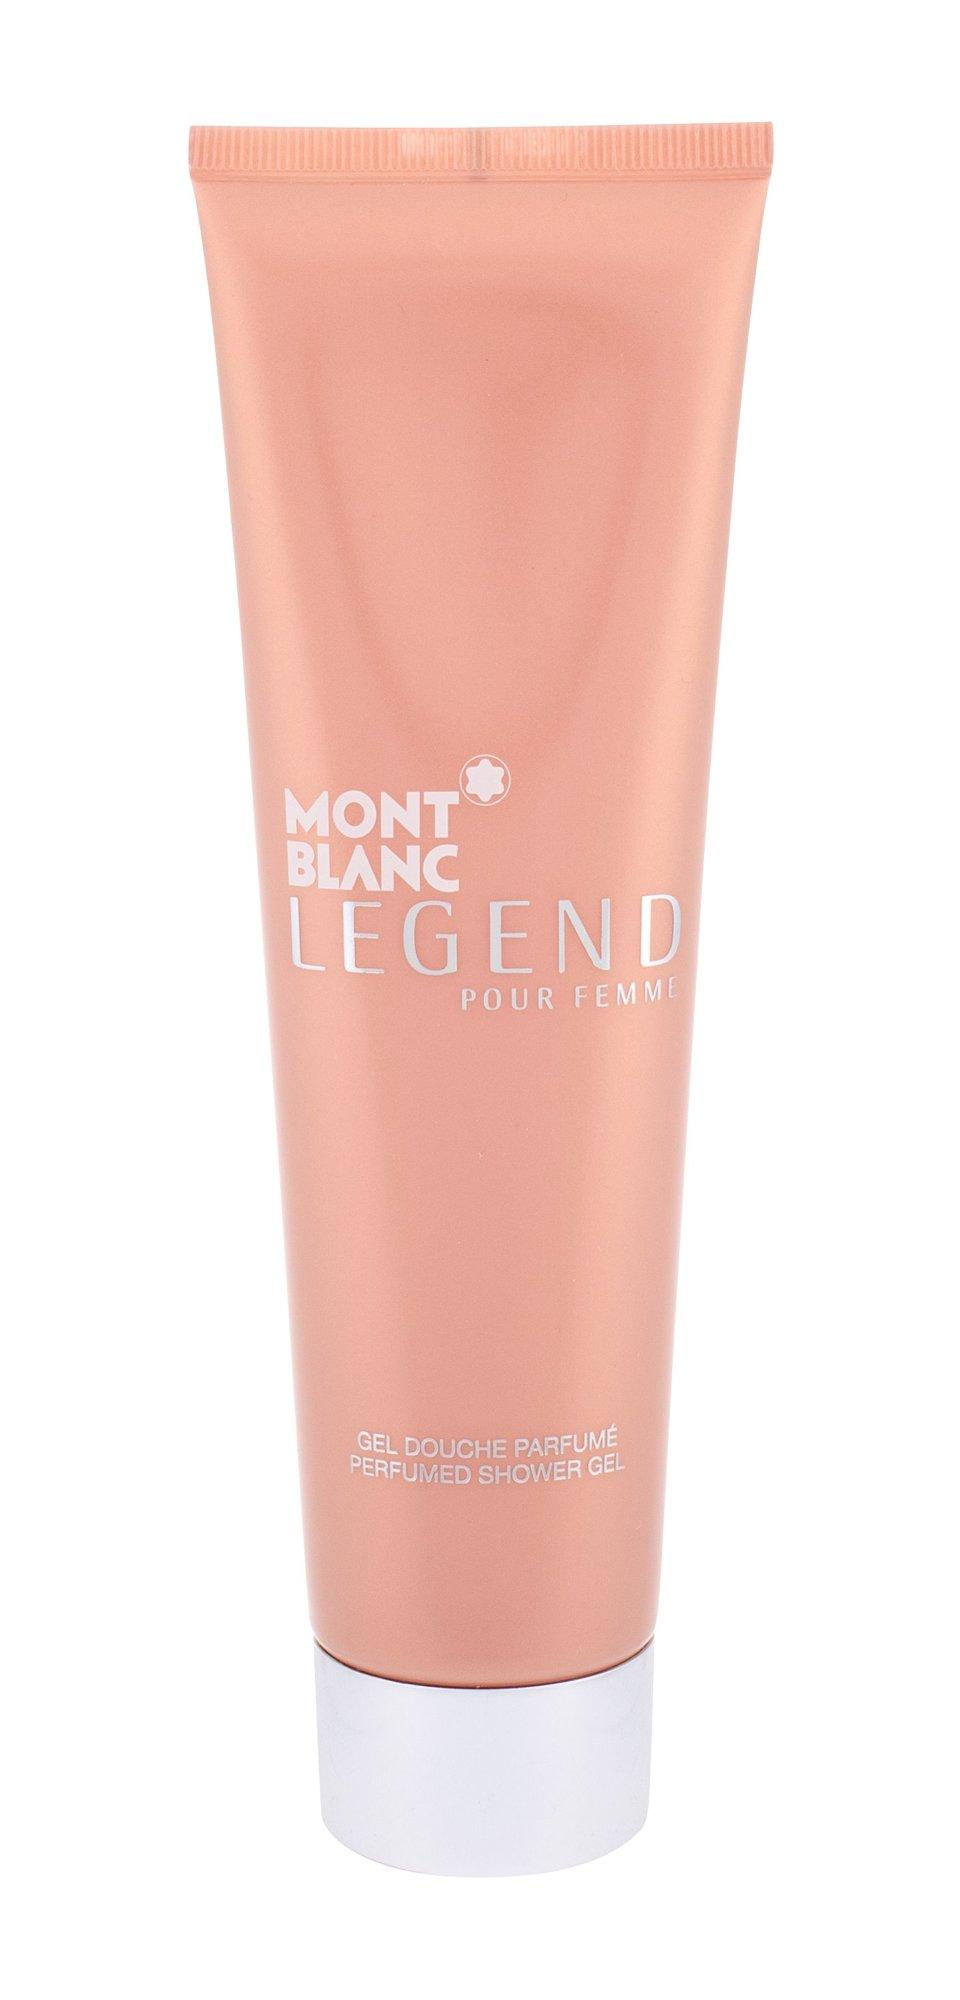 Montblanc Legend Shower gel 150ml